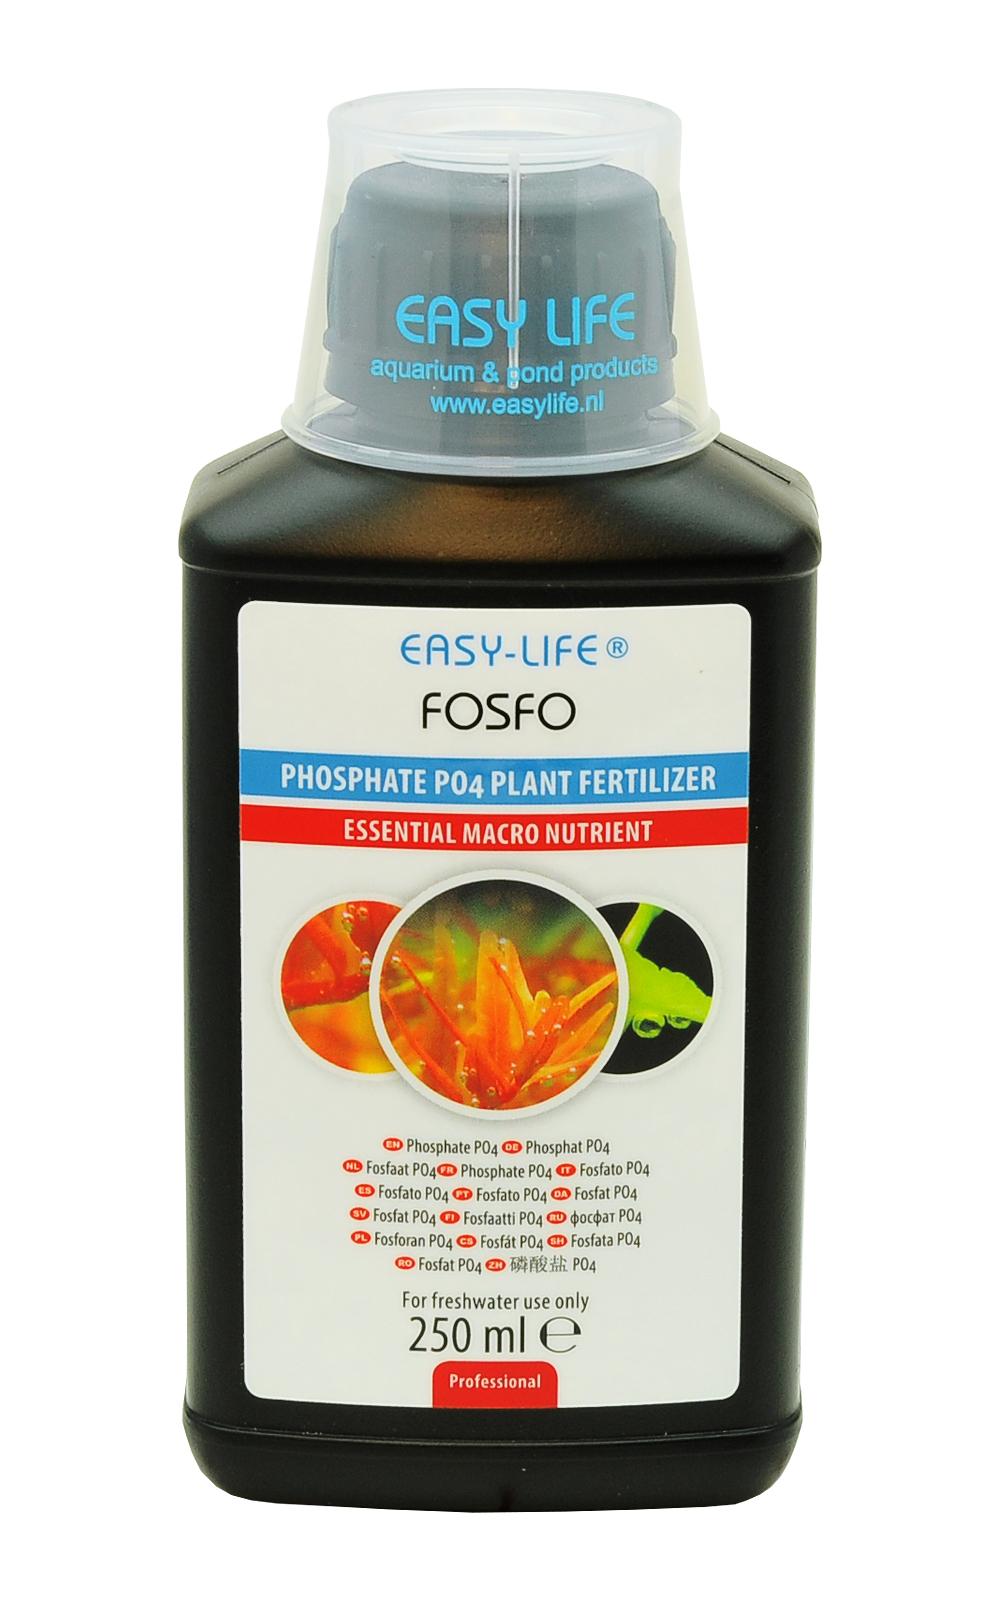 EASY-LIFE Fosfo 250ml pour le contrôle de la teneur en PO4 dans les aquariums plantés